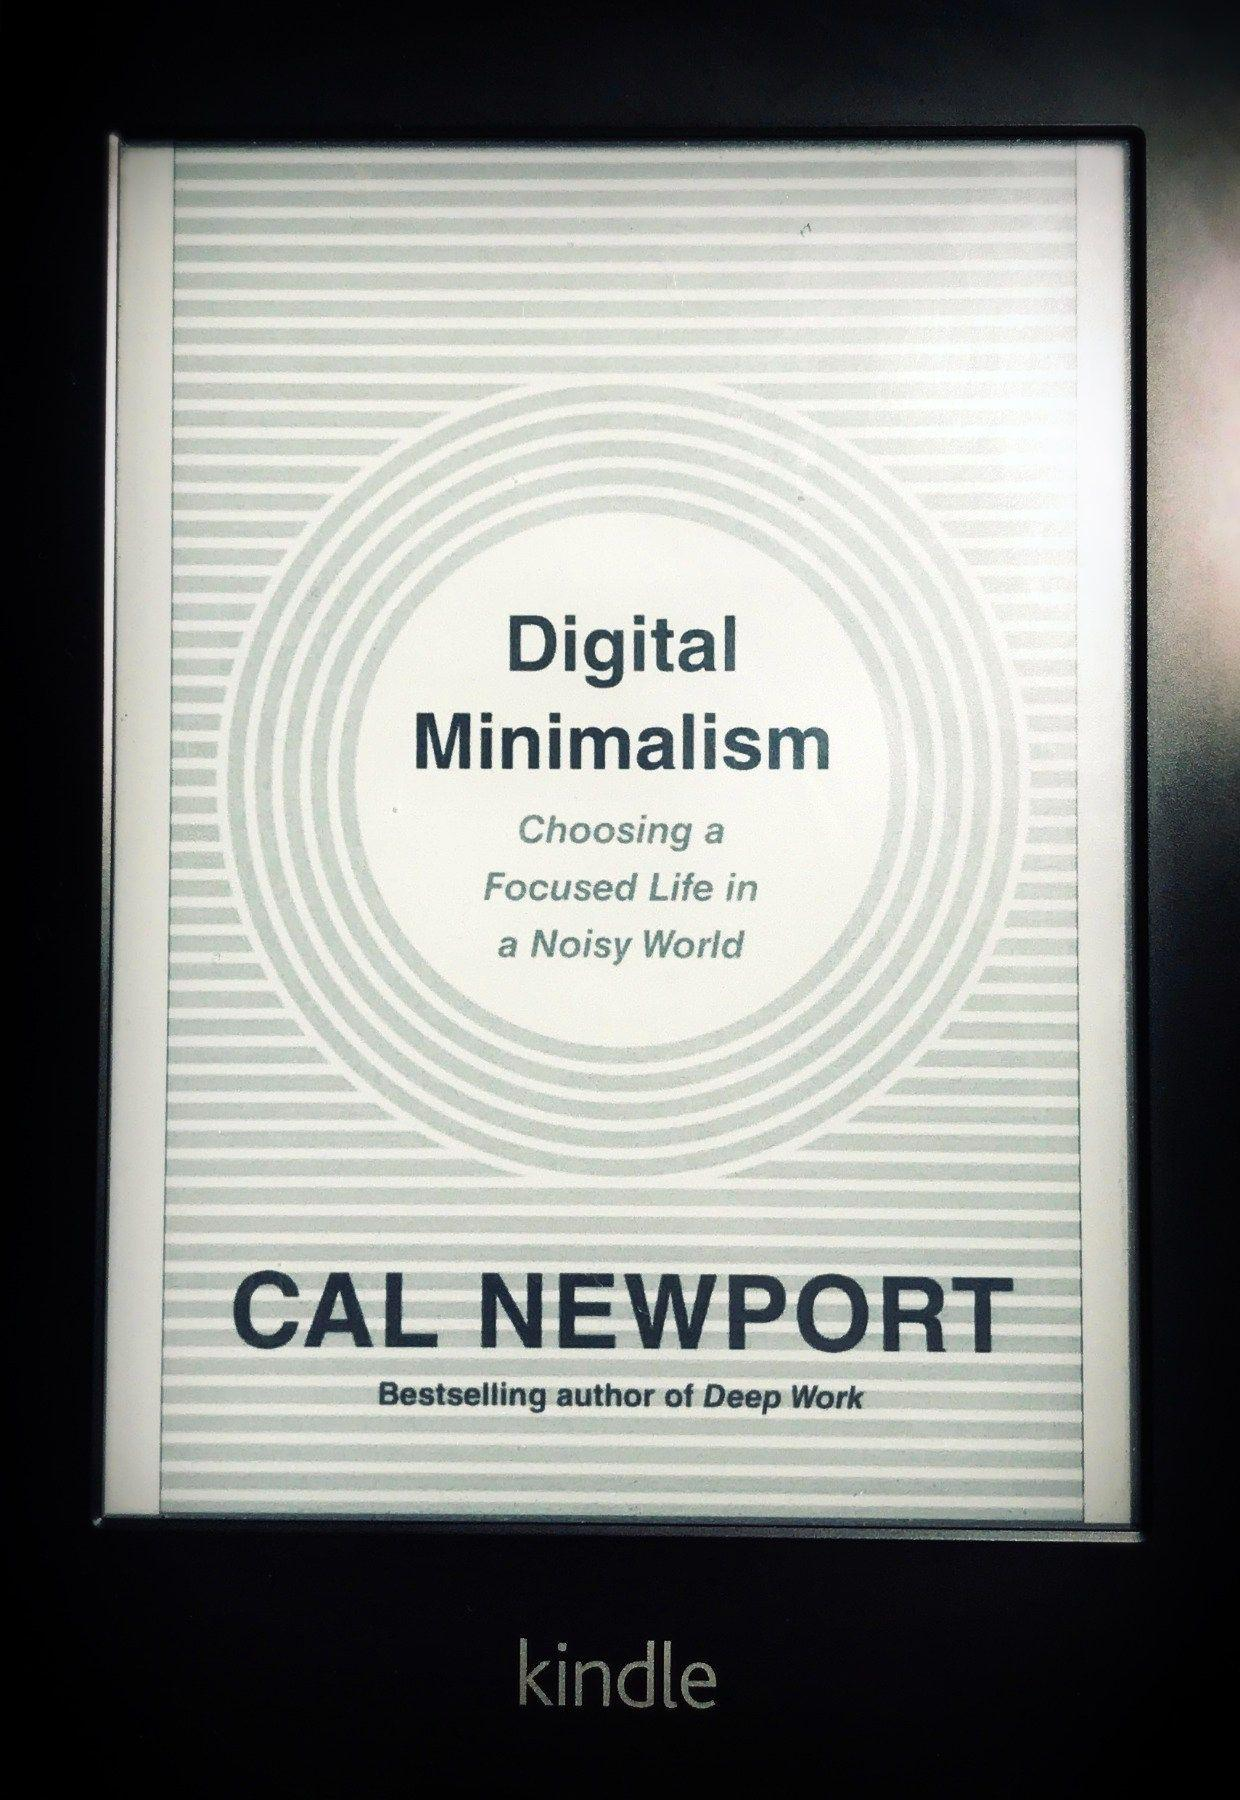 Digital Minimalism cover on my Kindle